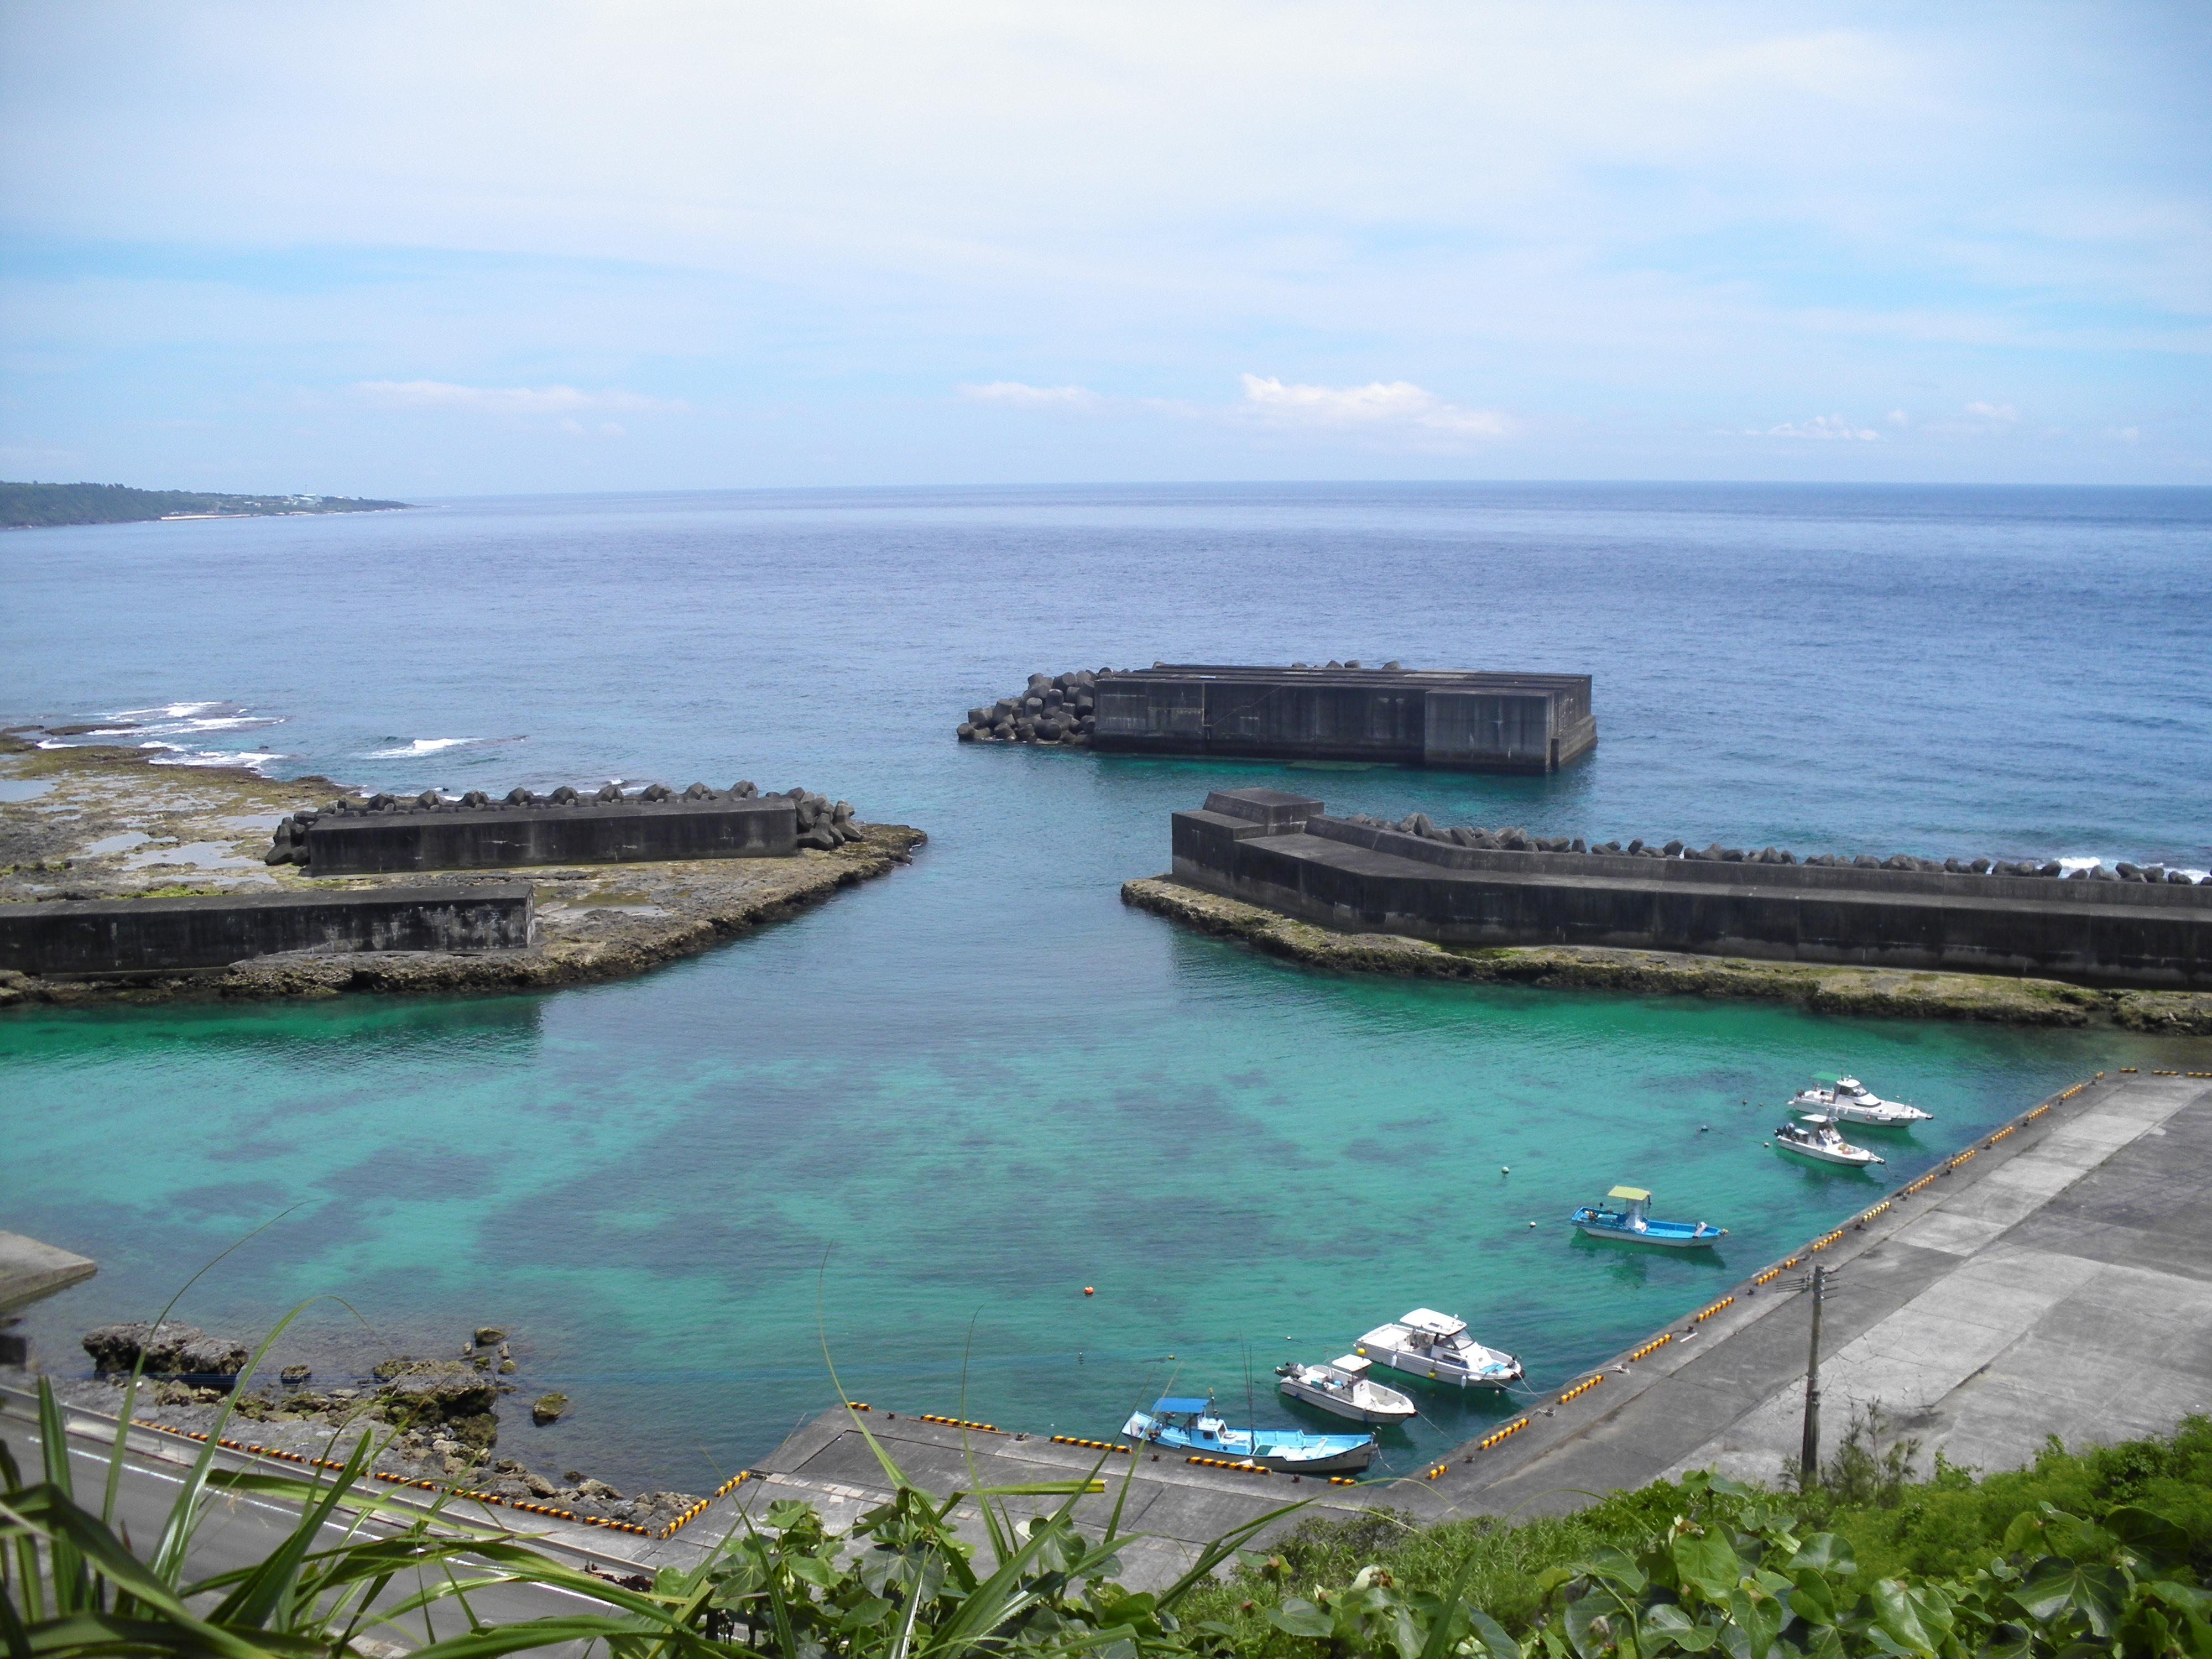 世界自然遺産登録候補の徳之島に行ってきました